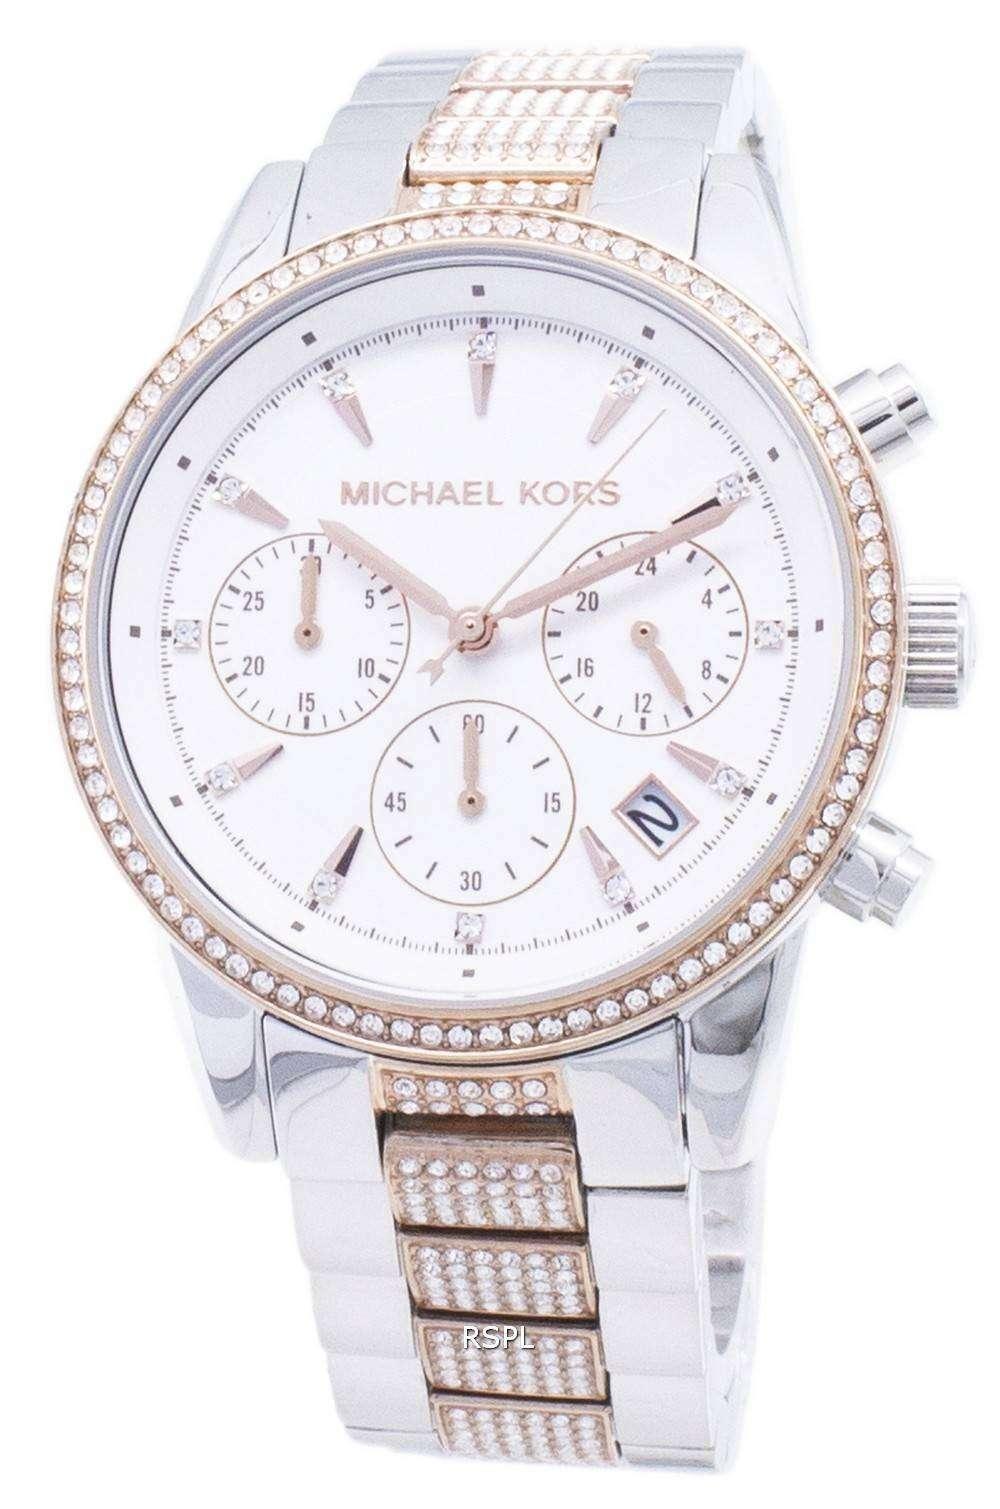 마이클 맥 스 리츠 MK6651 크로 노 그래프 다이아몬드 악센트 여성용 손목시계